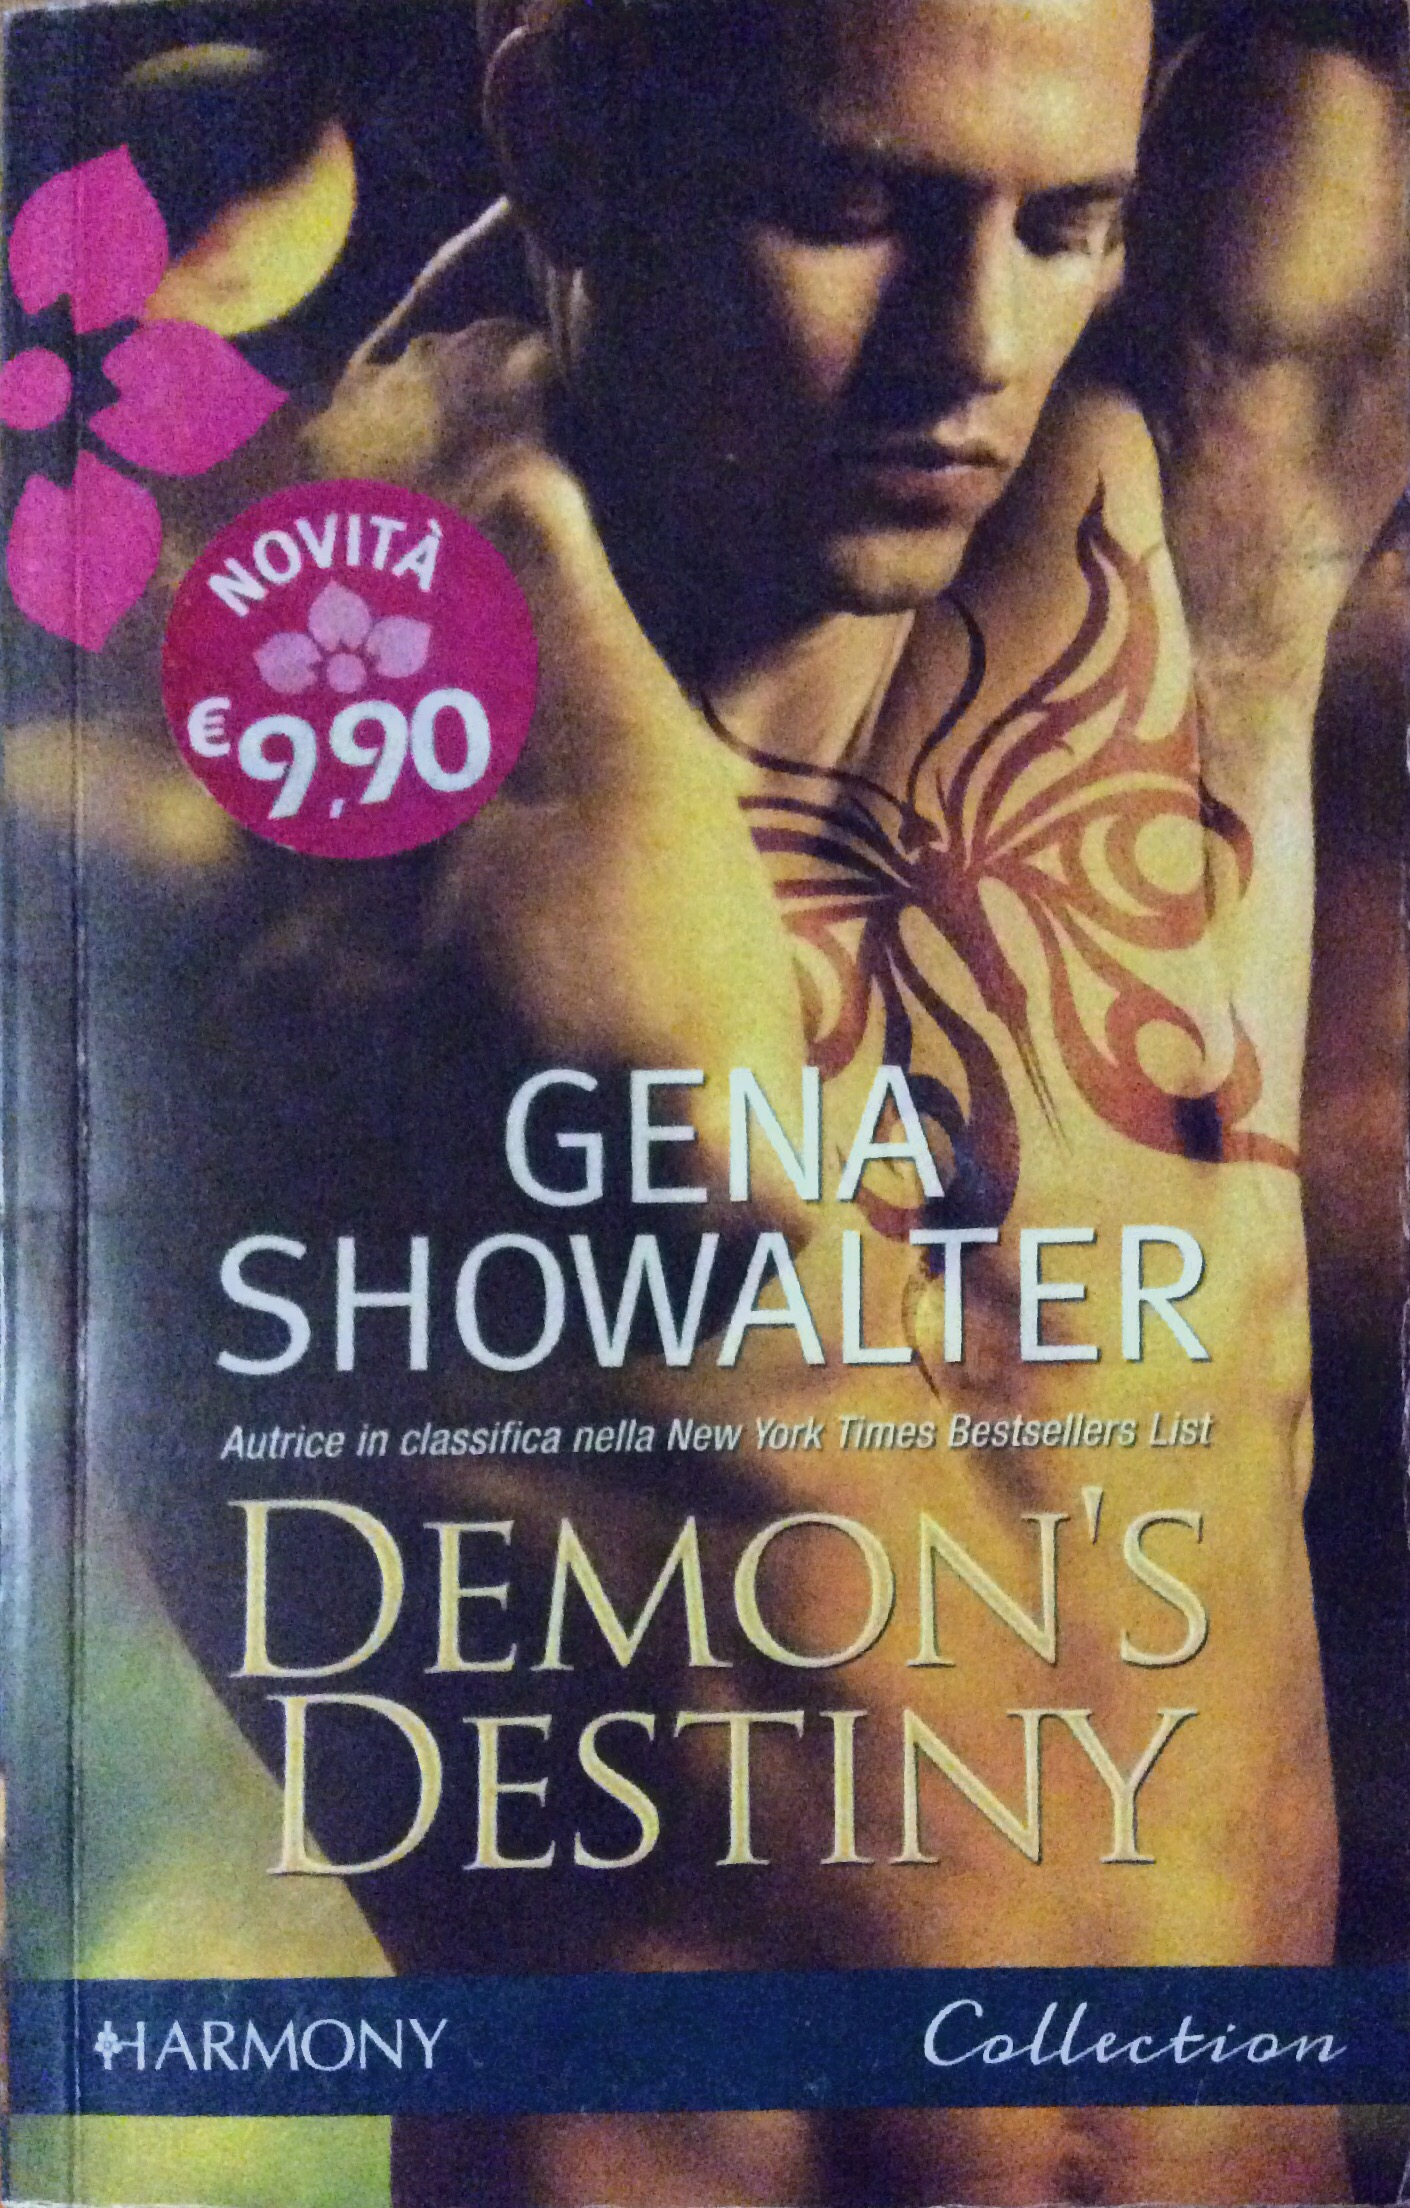 Demon's Destiny